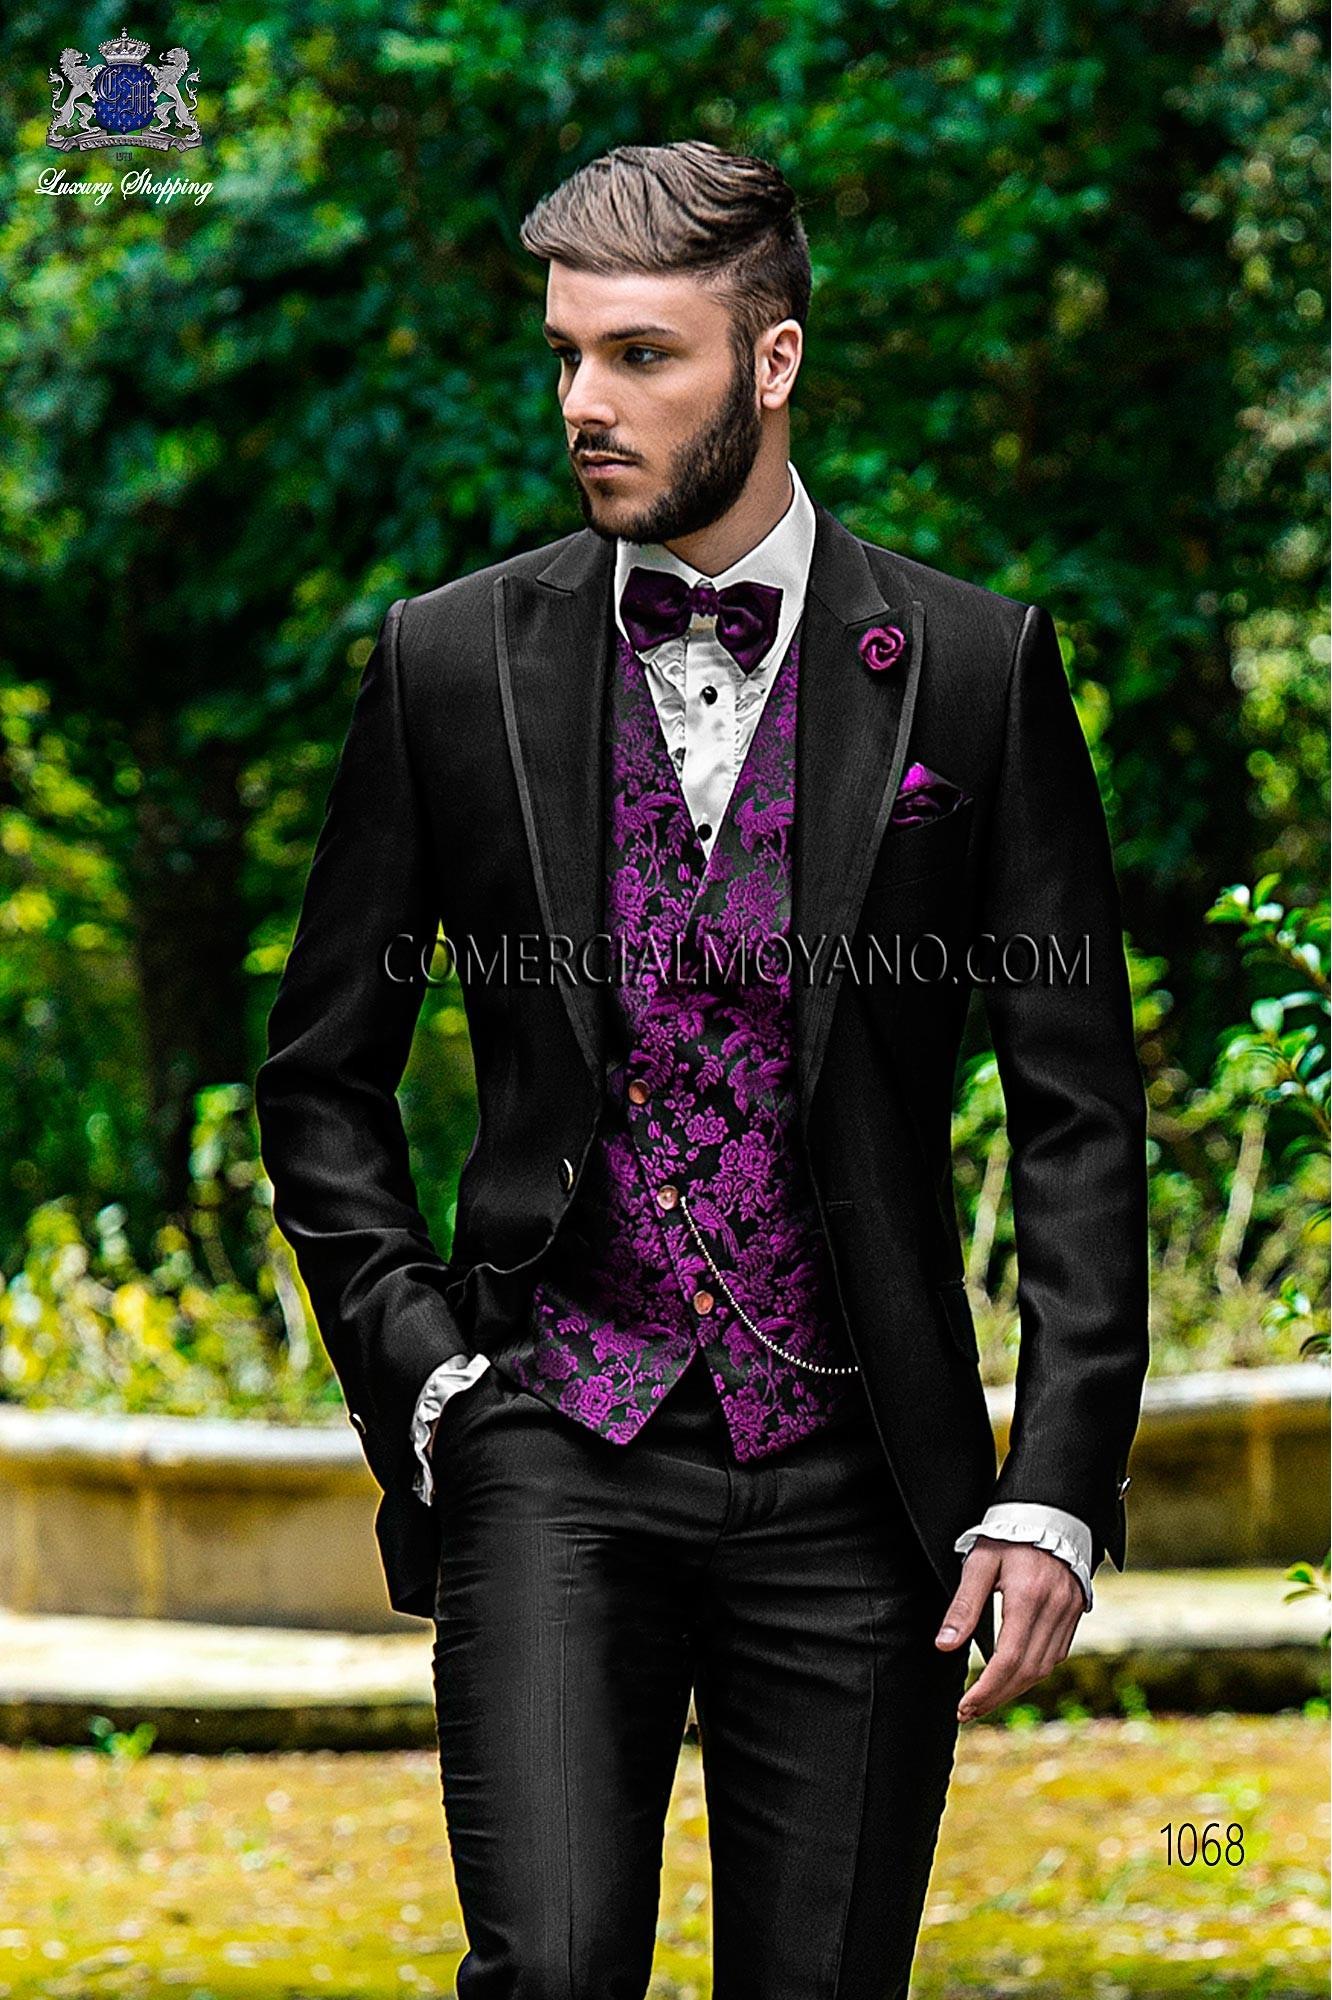 Traje Fashion de novio negro modelo: 1068 Ottavio Nuccio Gala colección Fashion